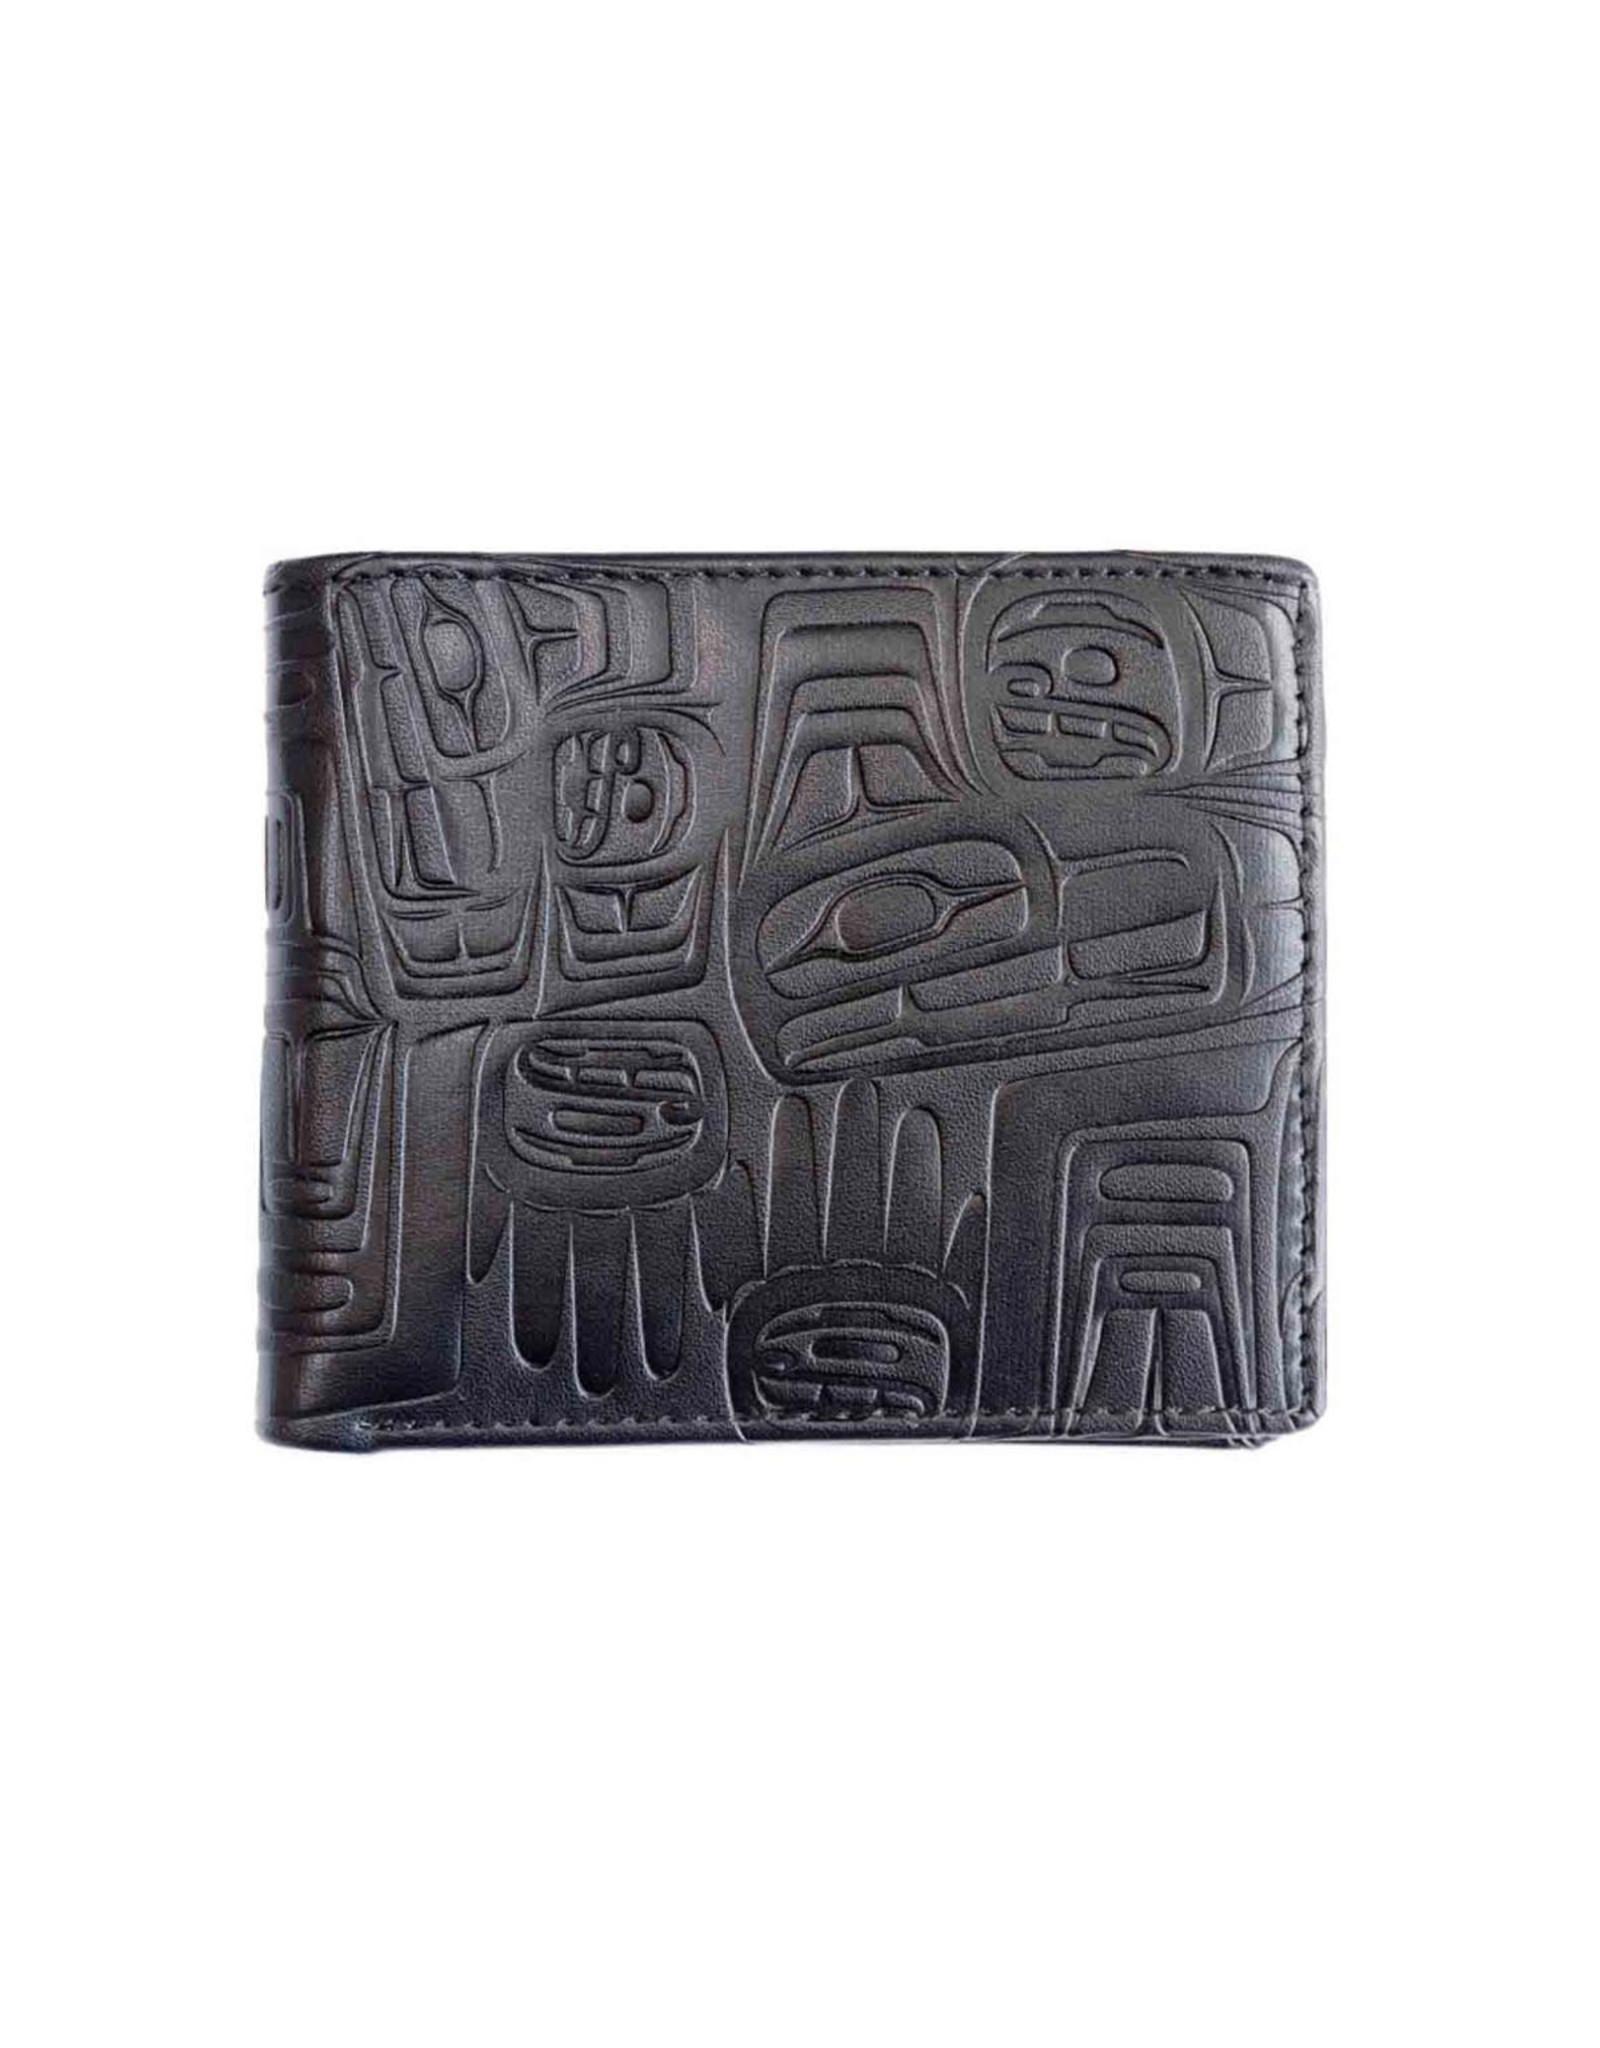 Embossed Wallet Eagle by Ben Houstie Black - Eagle Crest - EFW4